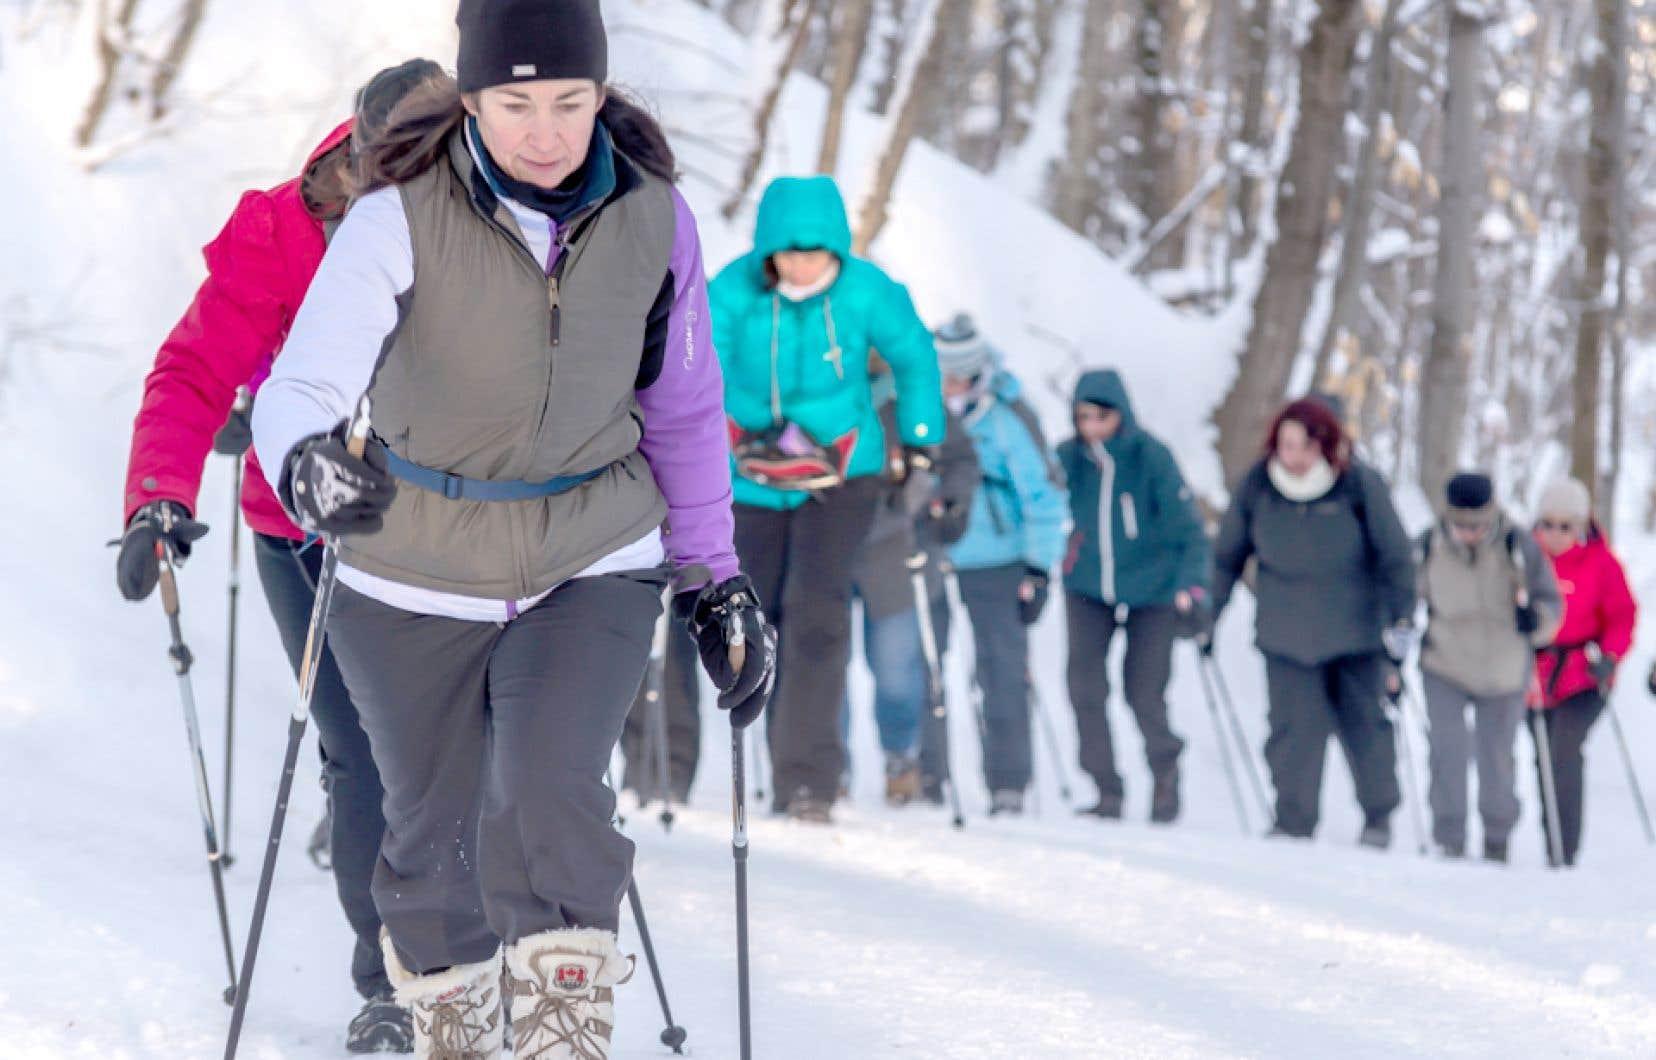 La marche nordique sollicite les groupes musculaires des jambes, mais aussi du haut du corps grâce à l'utilisation des bâtons de marche.